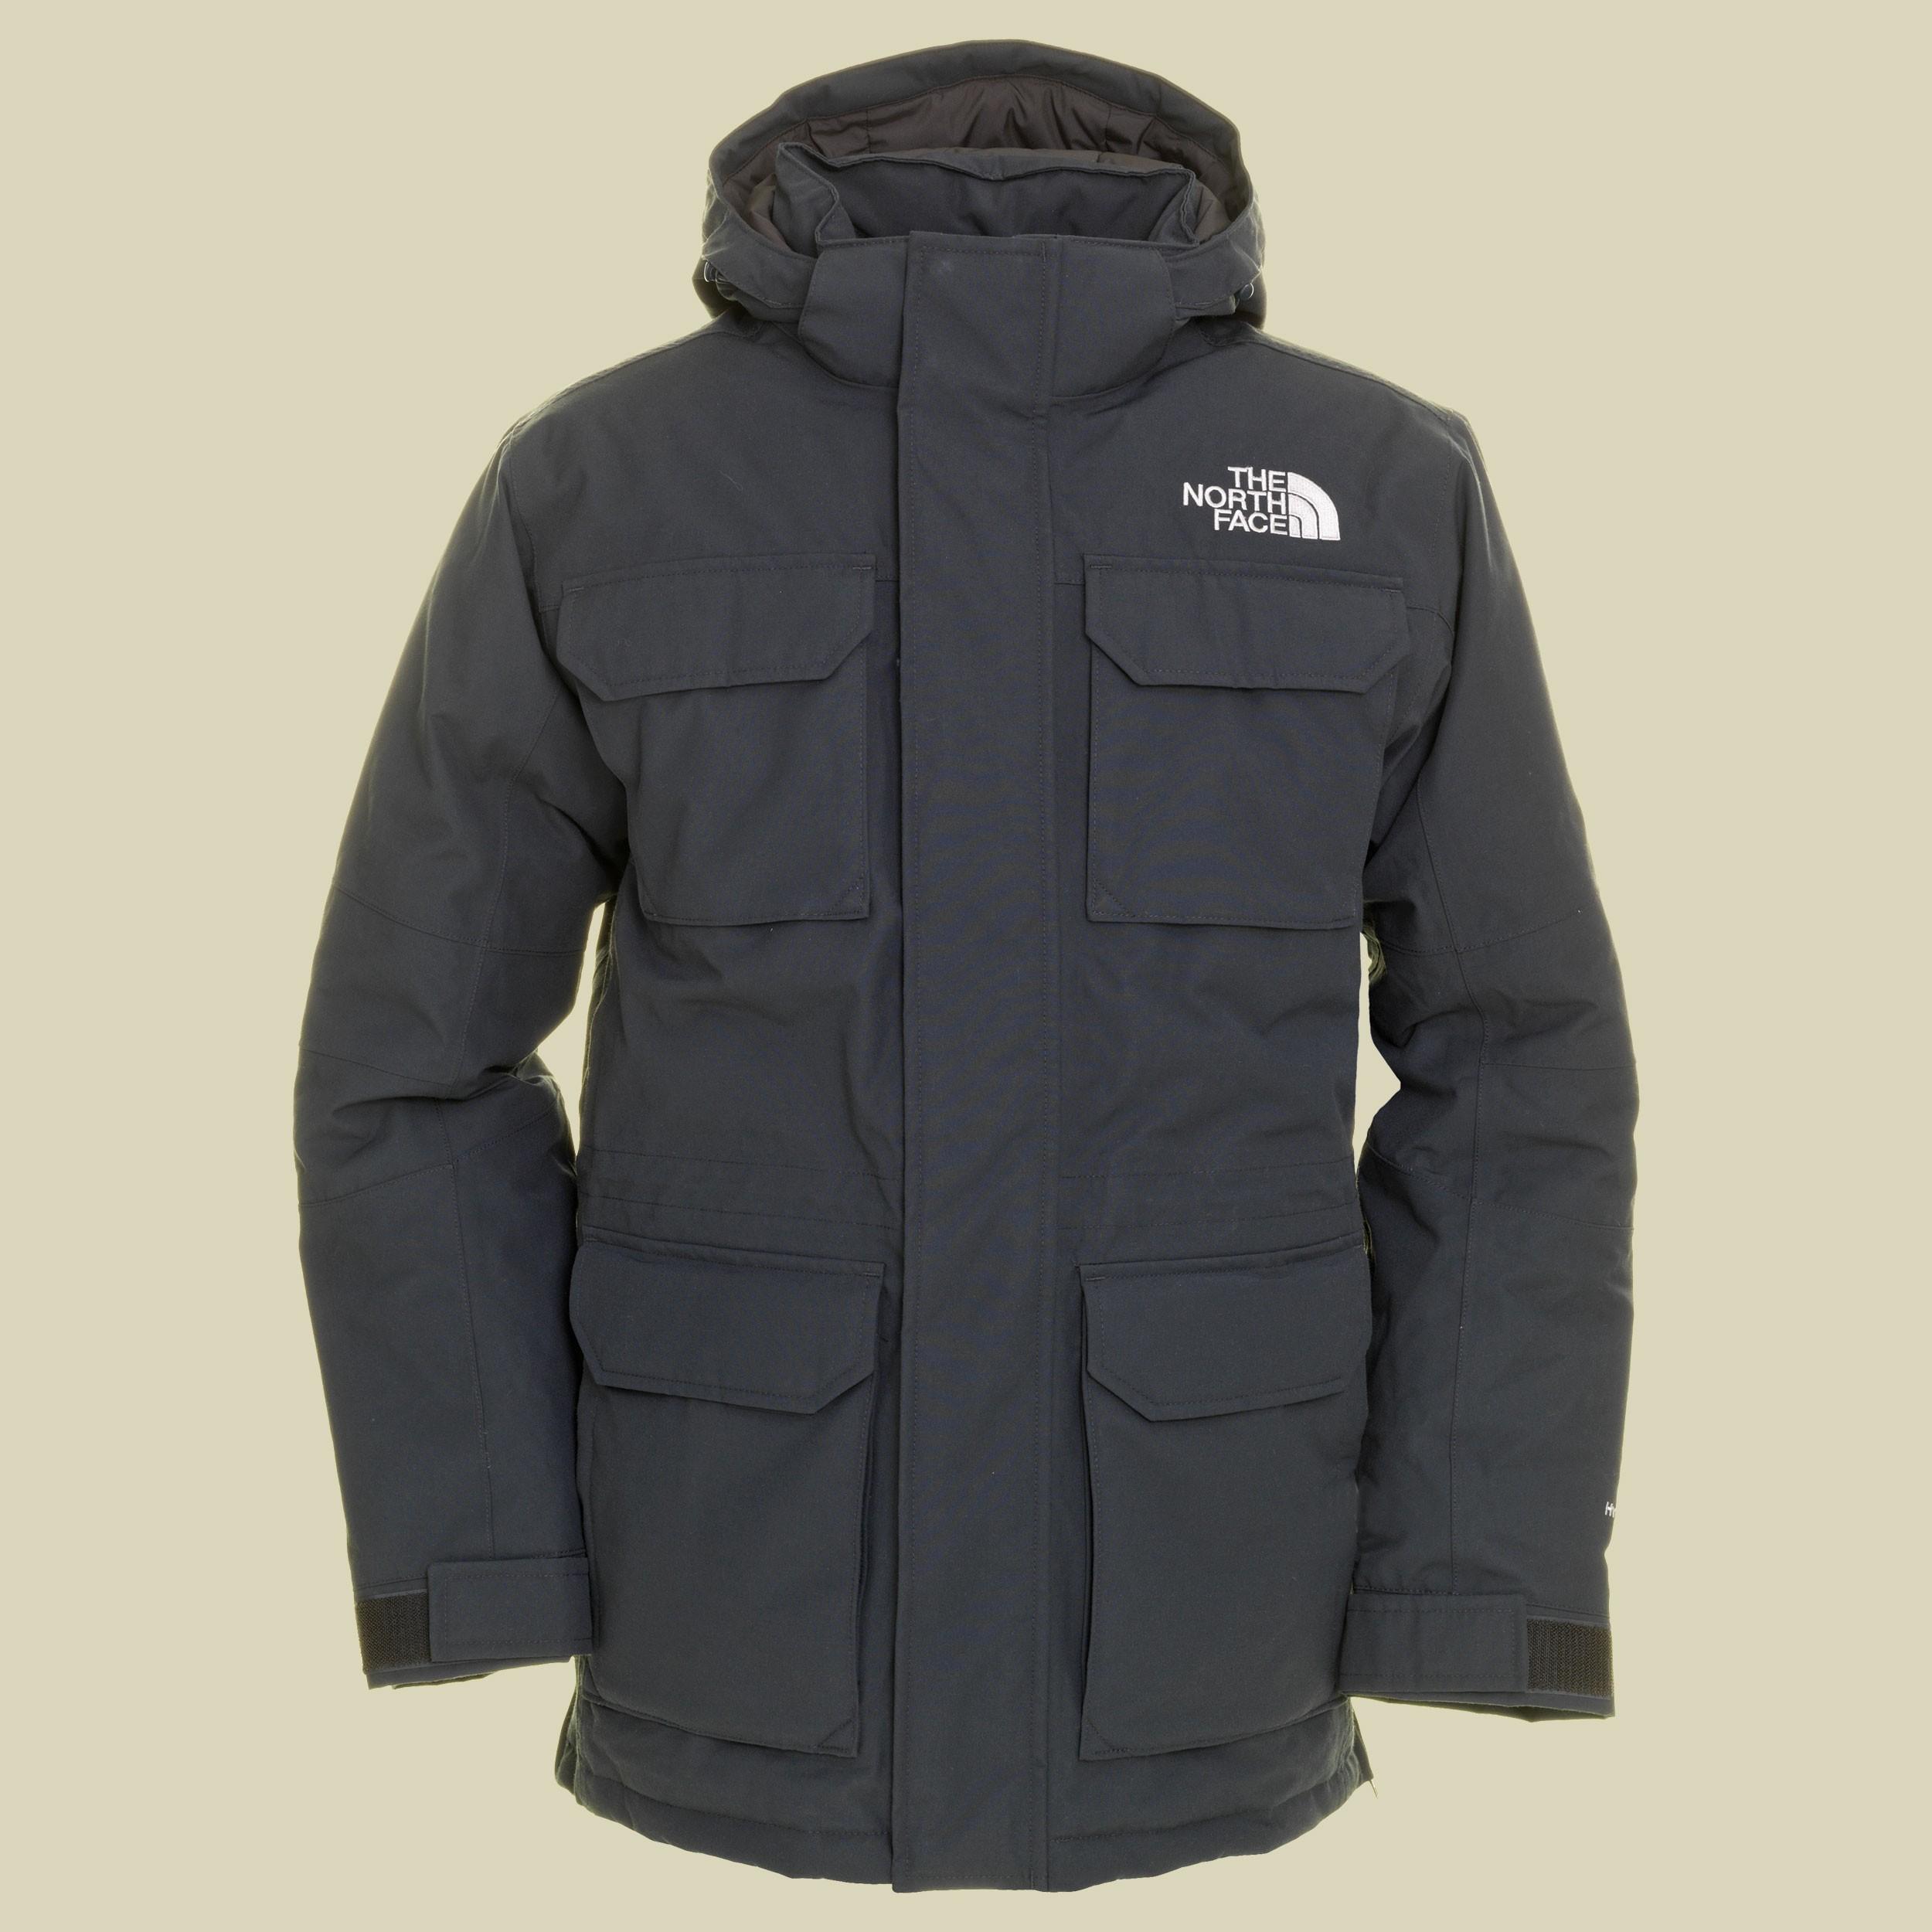 Men's El Norte Jacket